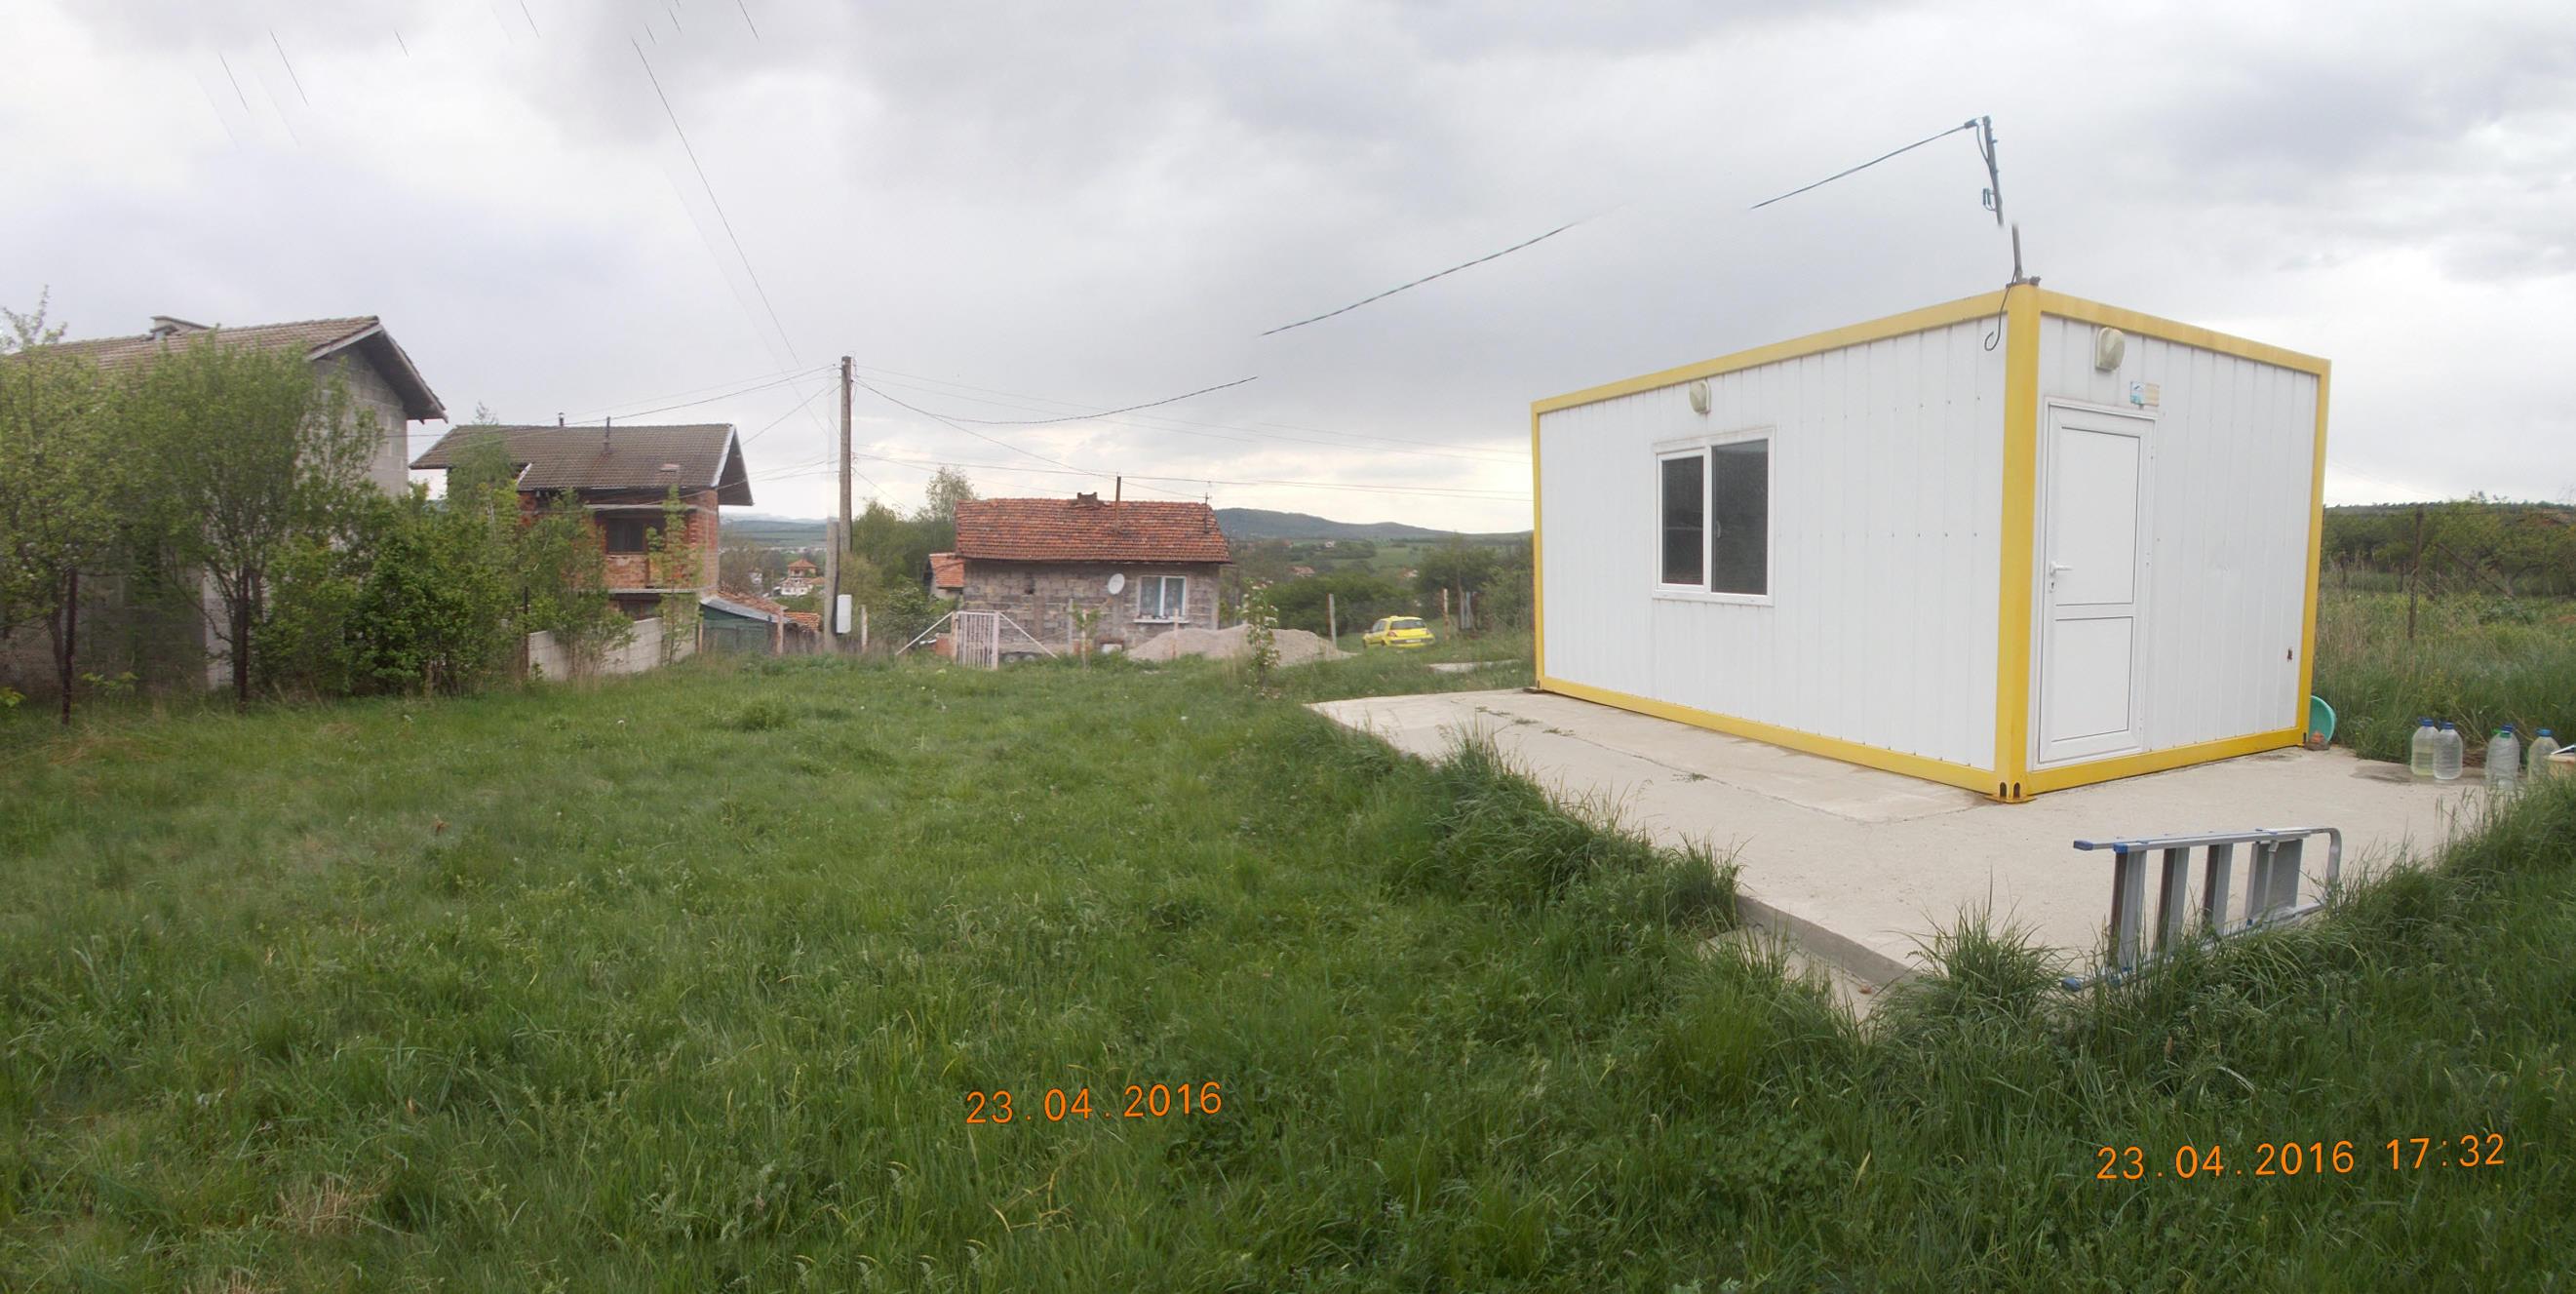 Vendita casa indipendente slivnitsa sofia bulgaria aldomirovtsi - Agenzia immobiliare sofia bulgaria ...